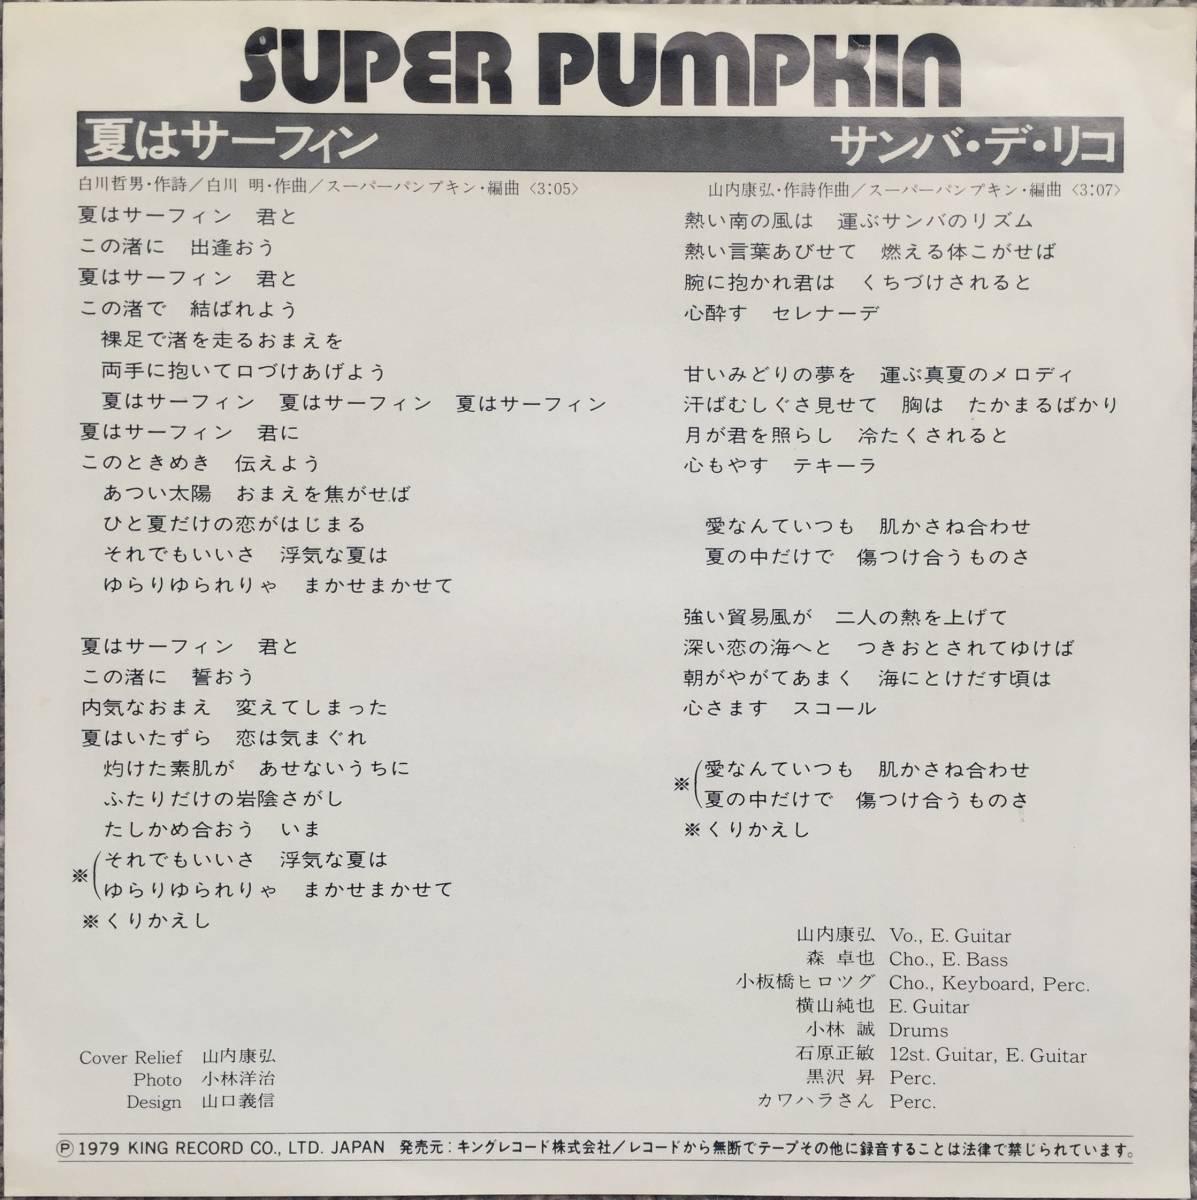 【試聴】極美盤 SUPER PUMPKIN - 夏はサーフィン / サンバ・デ・リコ 和モノ シティーポップ CITY POP LIGHT MELLOW RARE GROOVE EP 7INCH _画像2